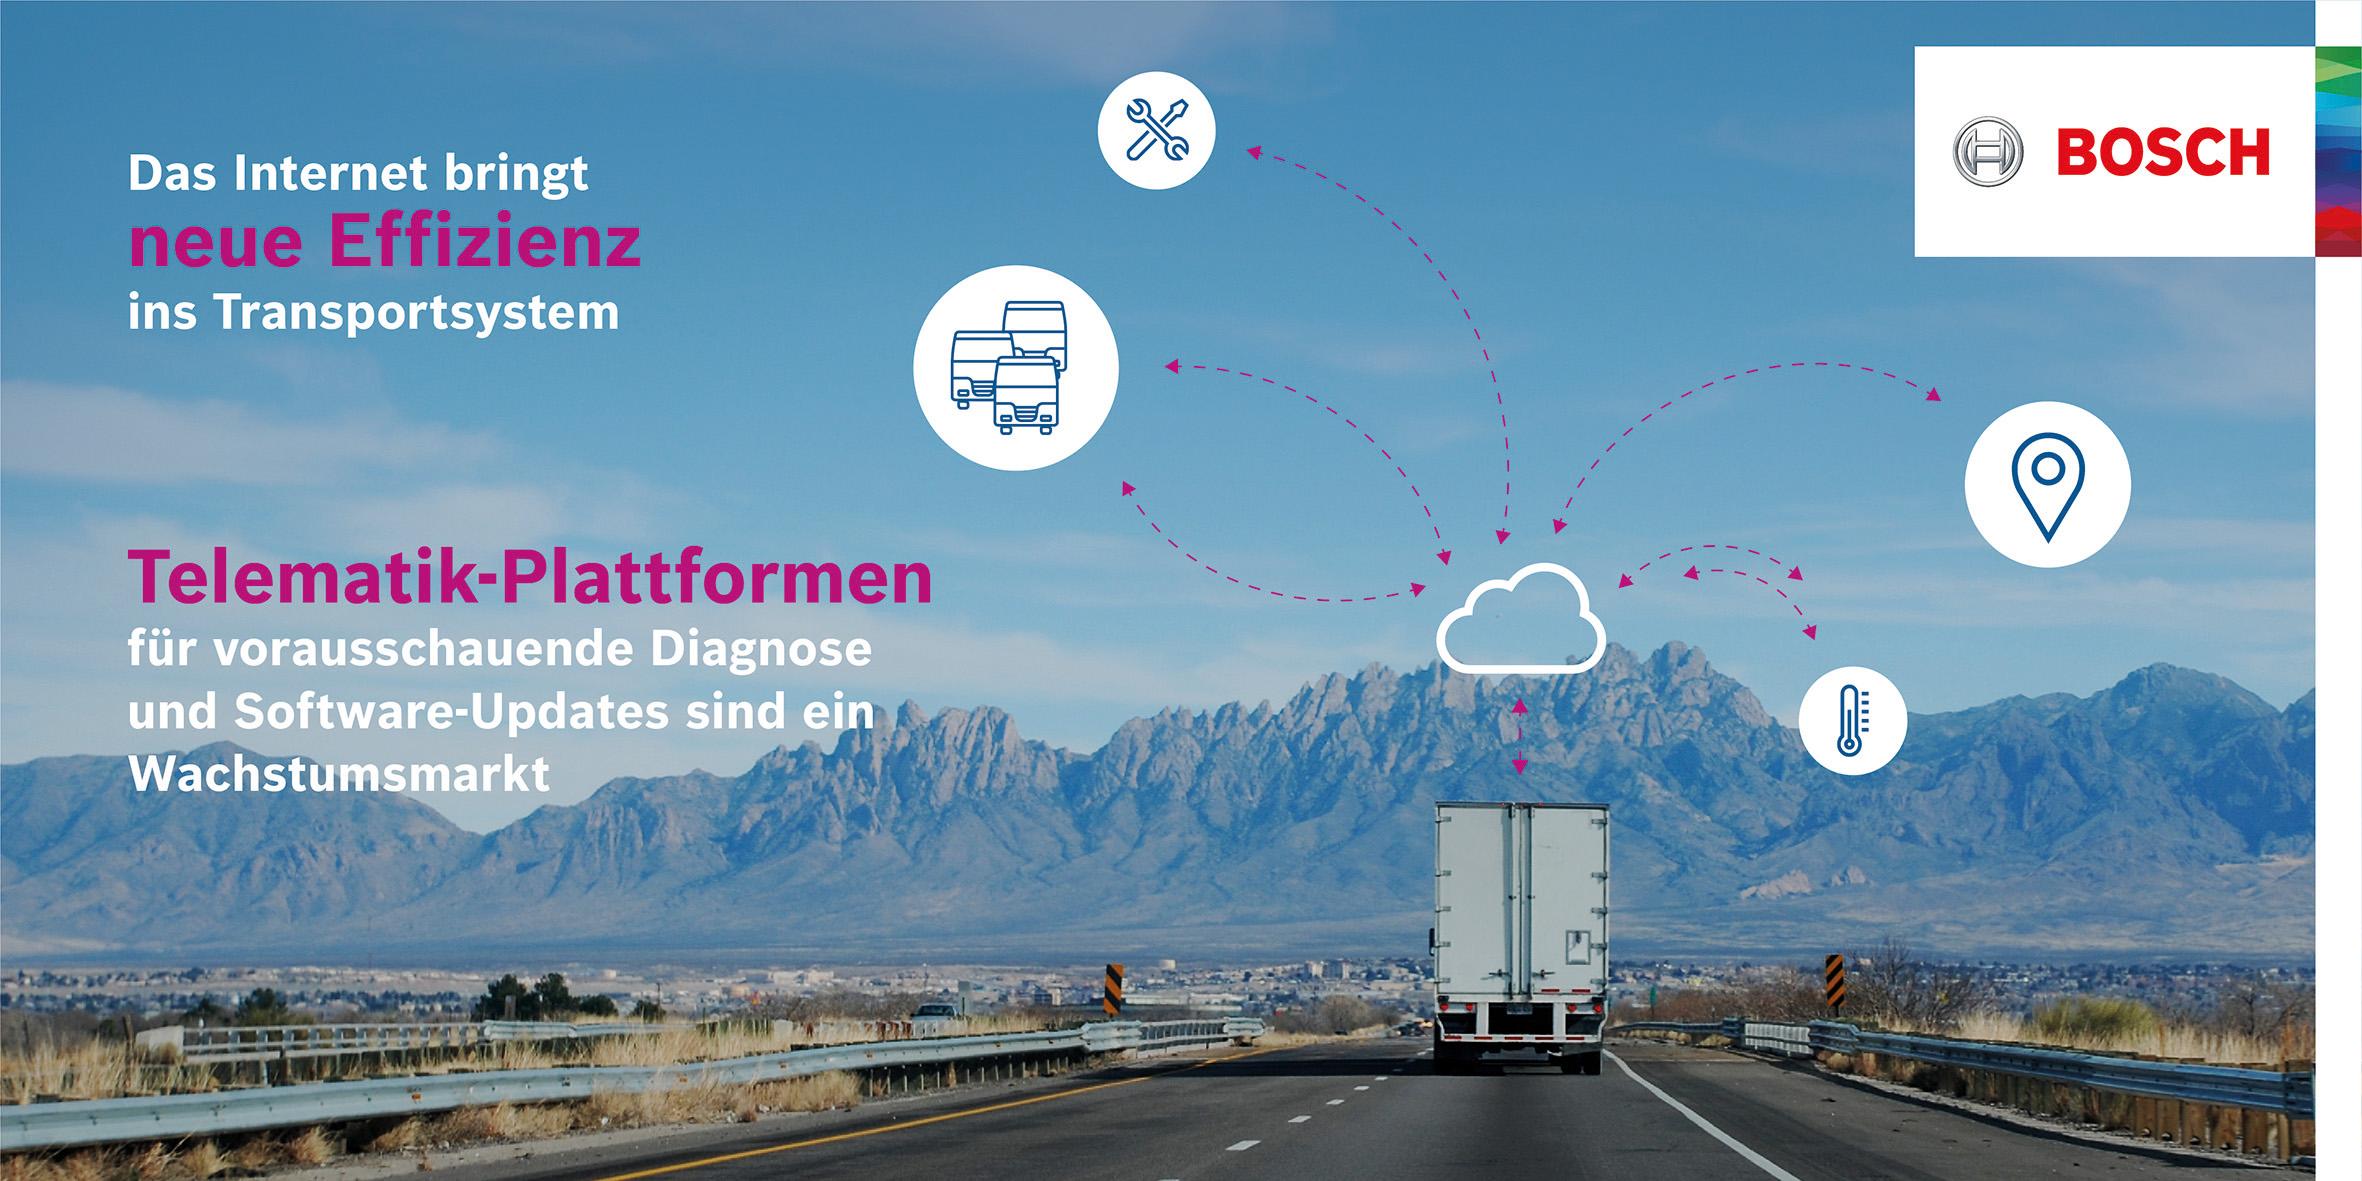 Vernetzte Logistiklösungen vom Highway bis zur Haustür